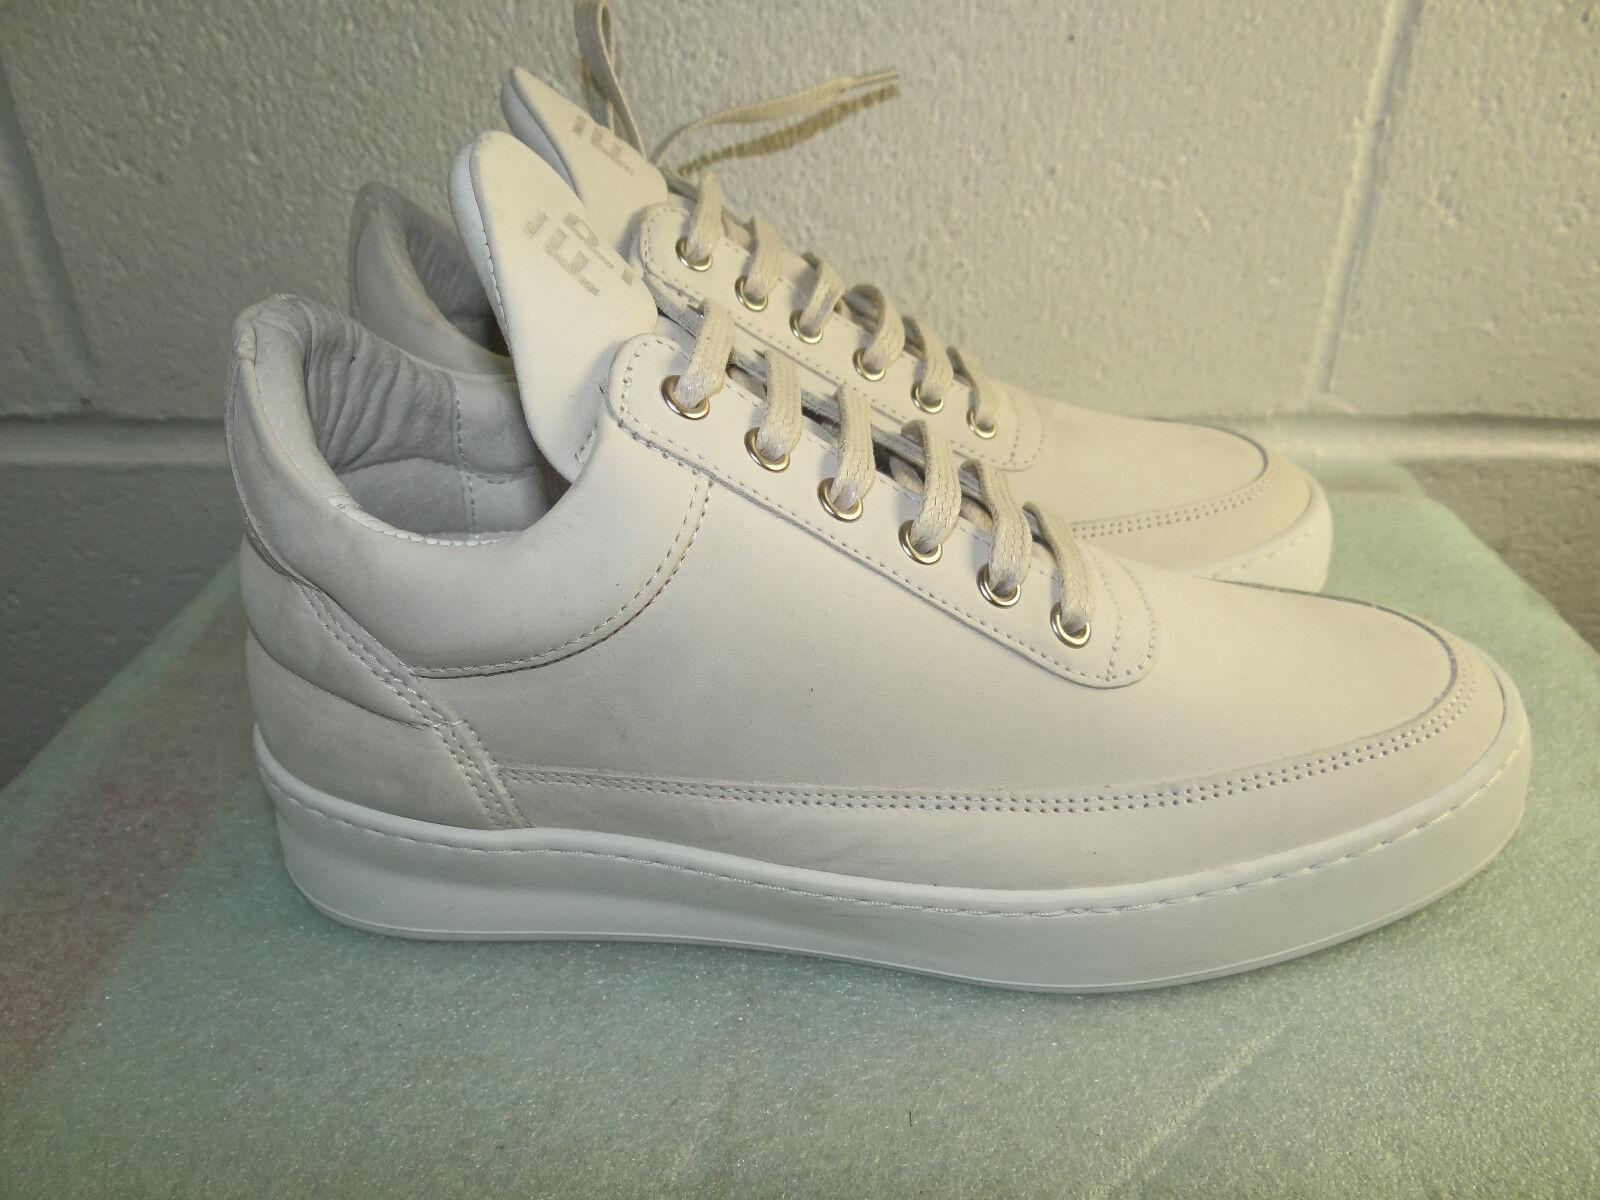 all'ingrosso a buon mercato FILLING PIECES FP Ivory Leather Fashion scarpe scarpe scarpe da ginnastica donna Dimensione 37 7M Made in ITALY  molte sorprese